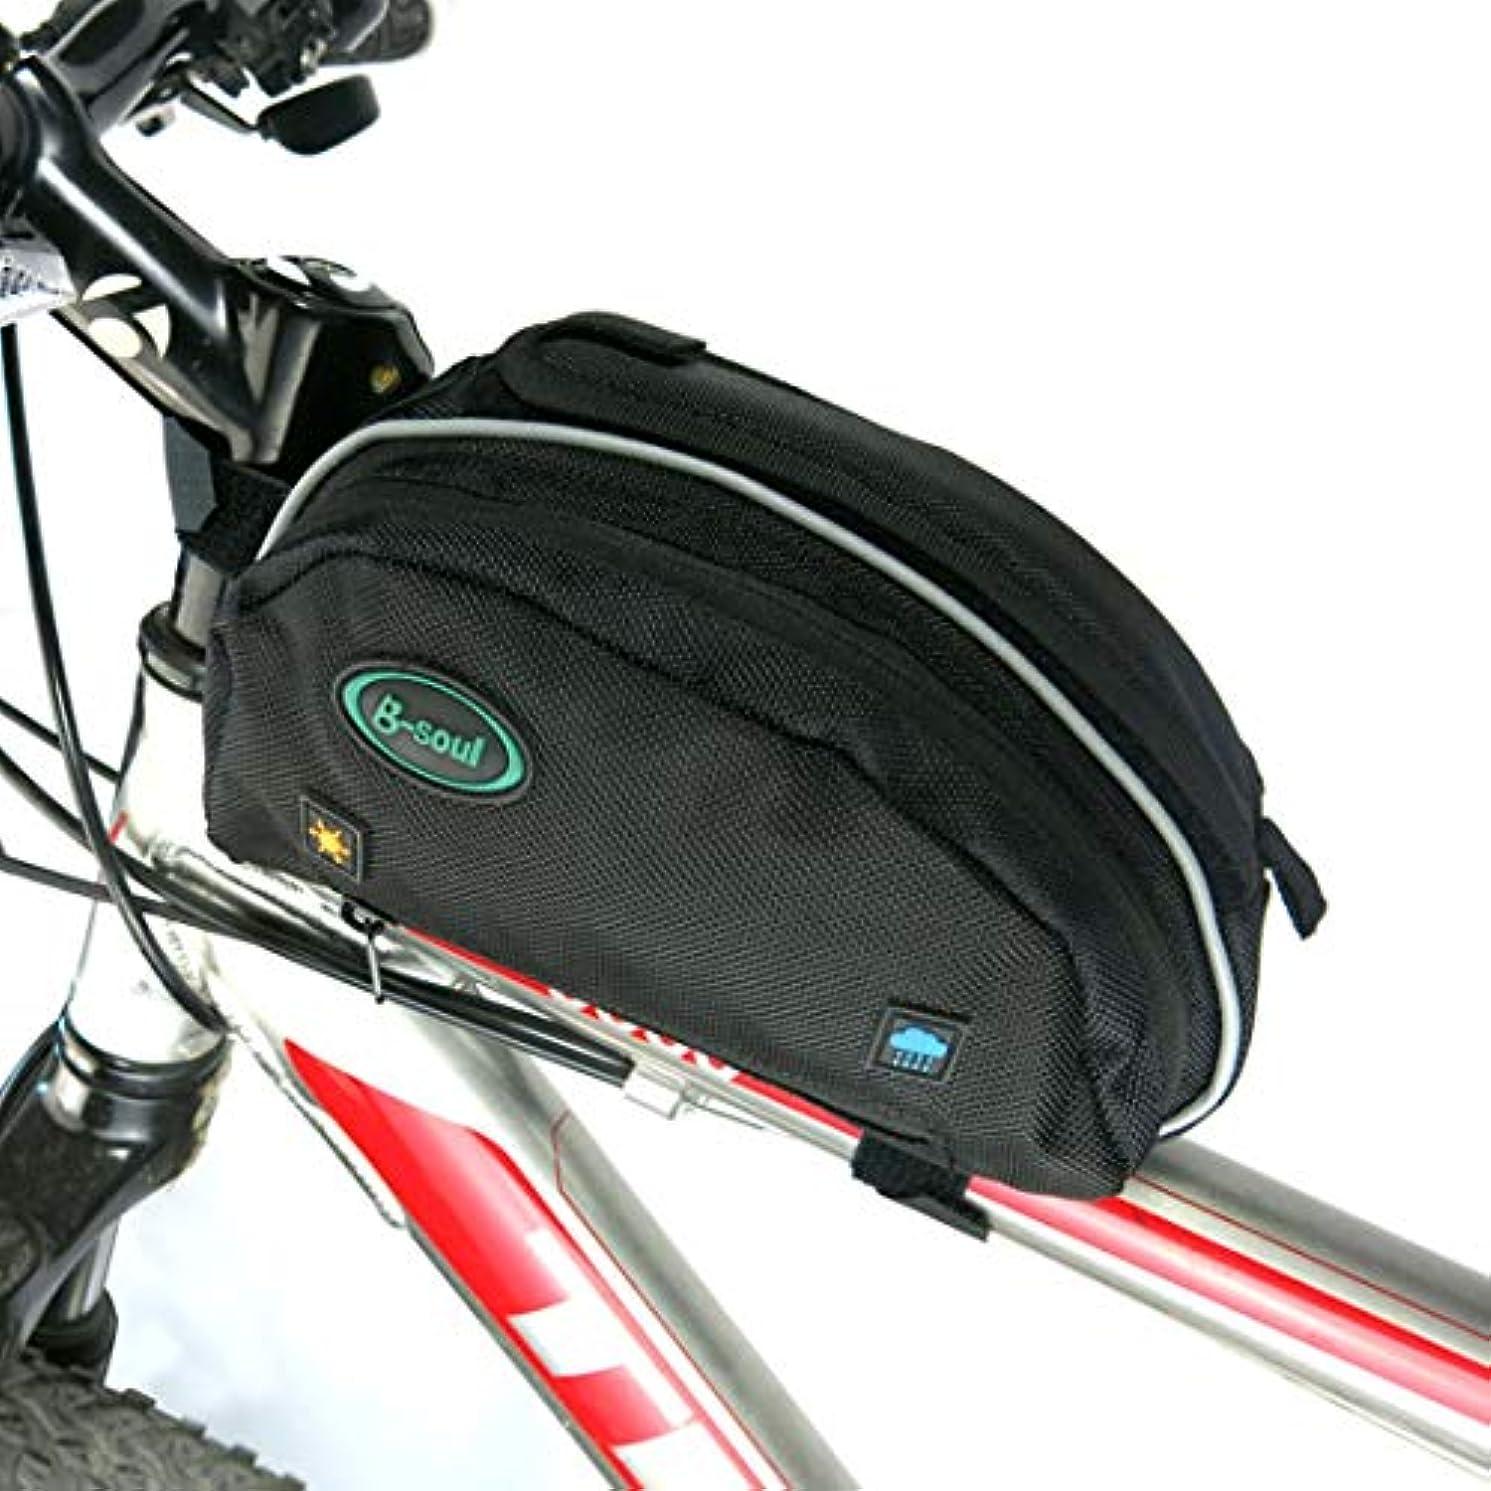 表面枯渇半導体CAFUTY 防雨MTBロードバイクアクセサリーシートポストバッグテールリアポーチバッグ自転車バッグ自転車サドルバッグ (Color : ブラック)